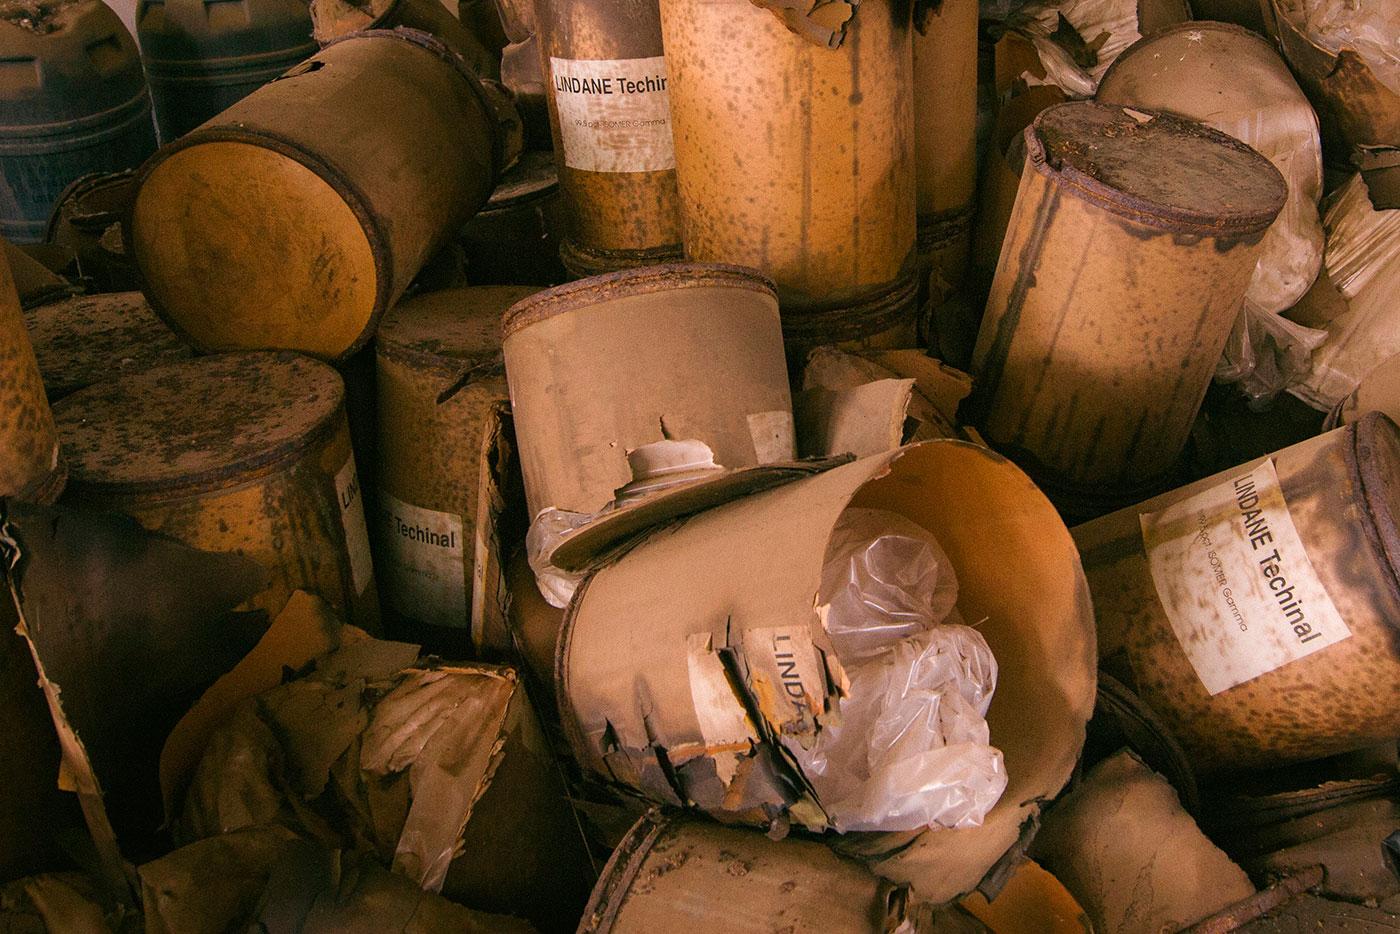 Un centenar de bidones de lindano siguen acumulados en el interior de Inquinosa